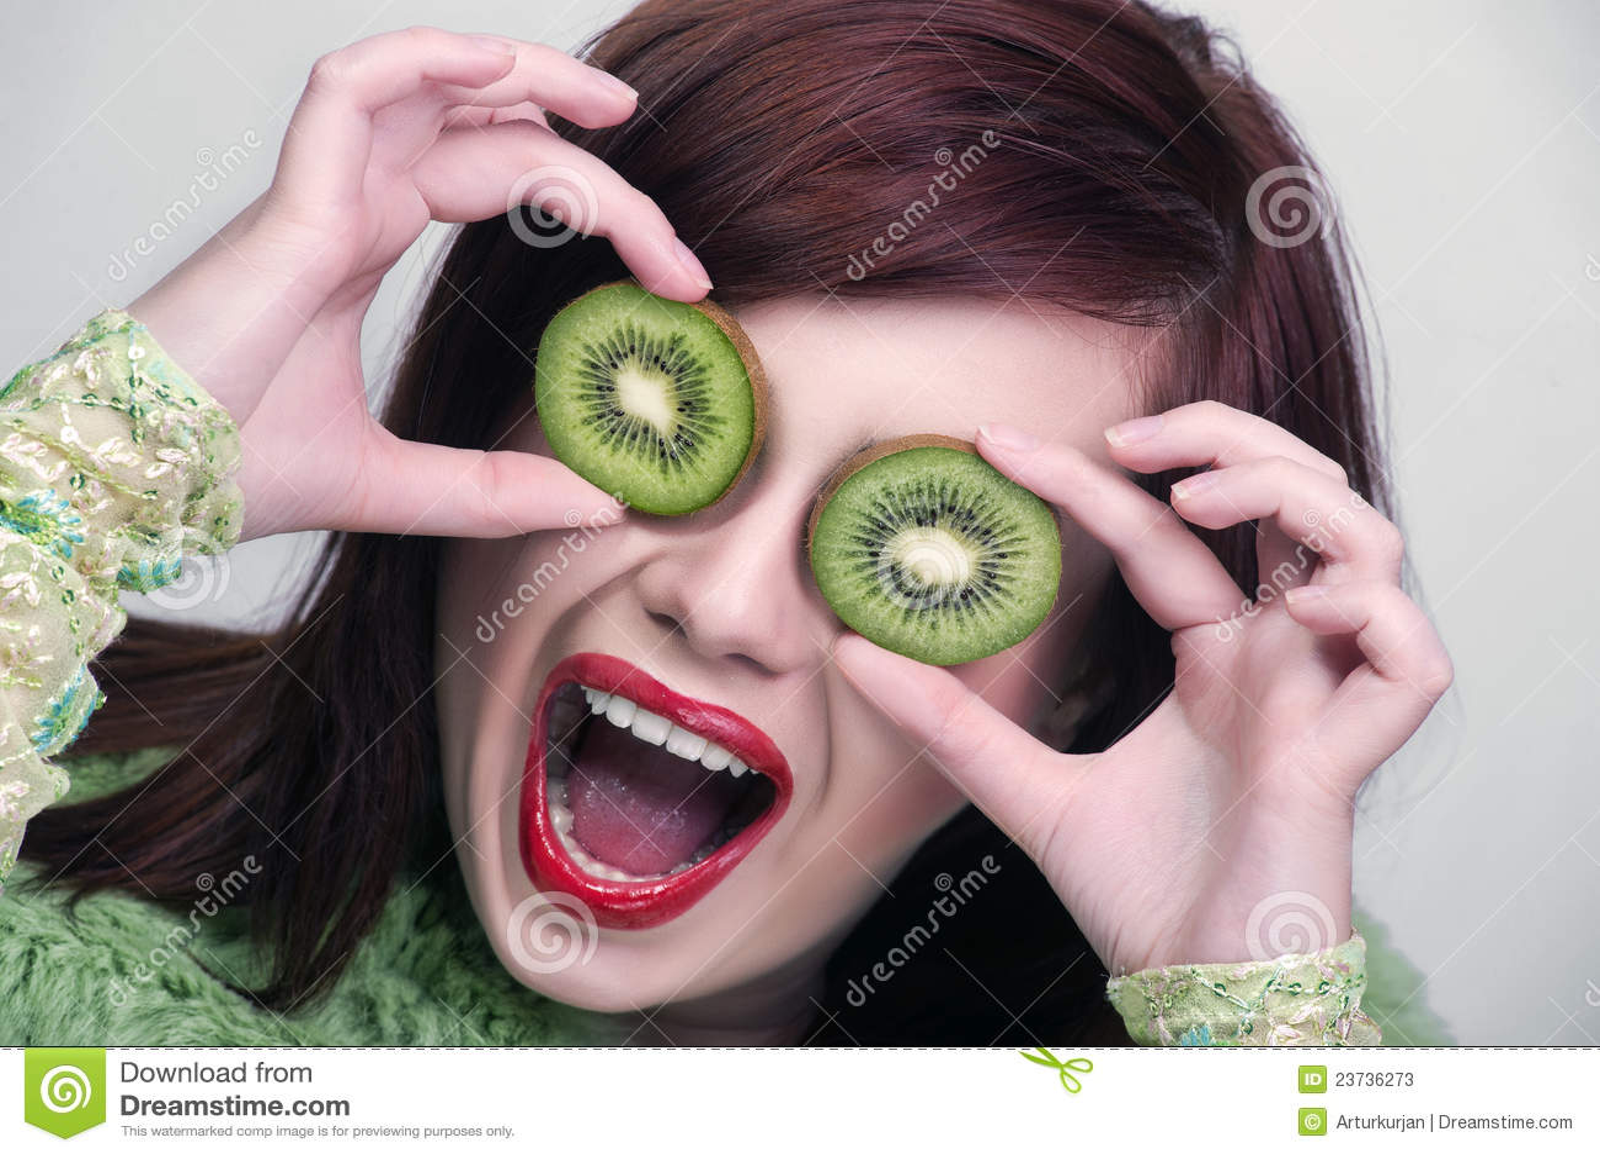 Fruit funny woman holding kiwi